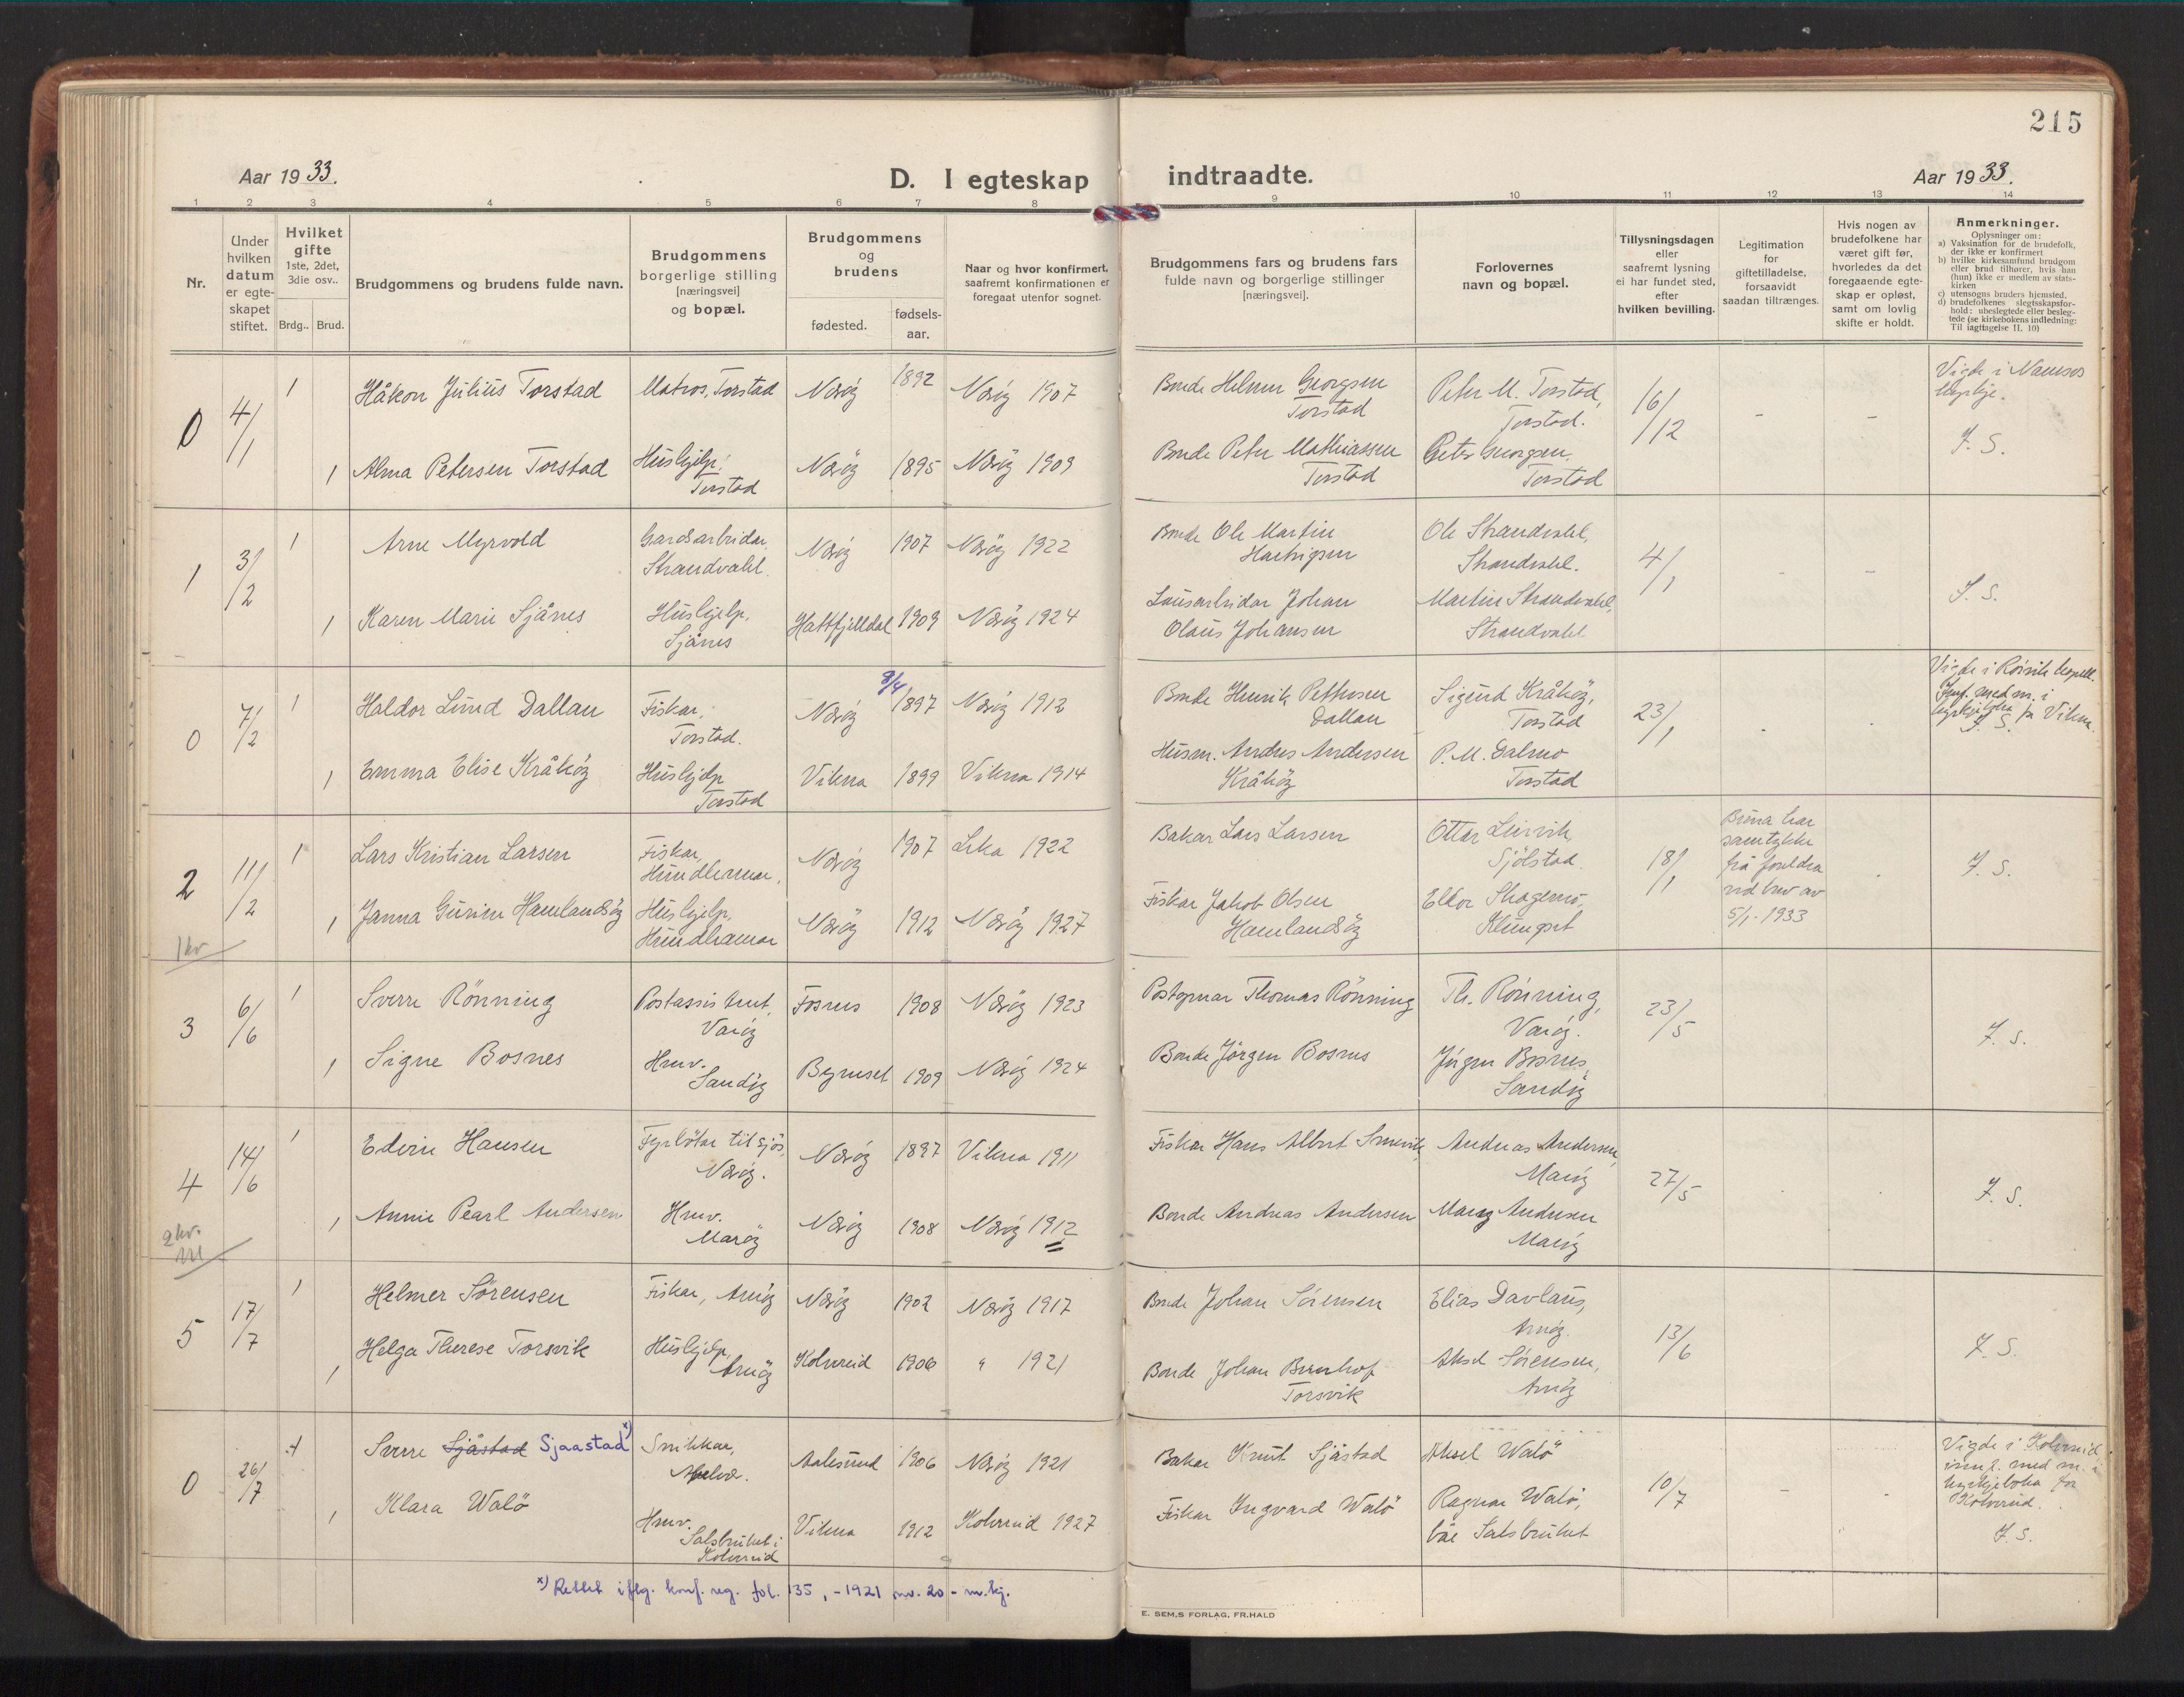 SAT, Ministerialprotokoller, klokkerbøker og fødselsregistre - Nord-Trøndelag, 784/L0678: Ministerialbok nr. 784A13, 1921-1938, s. 215